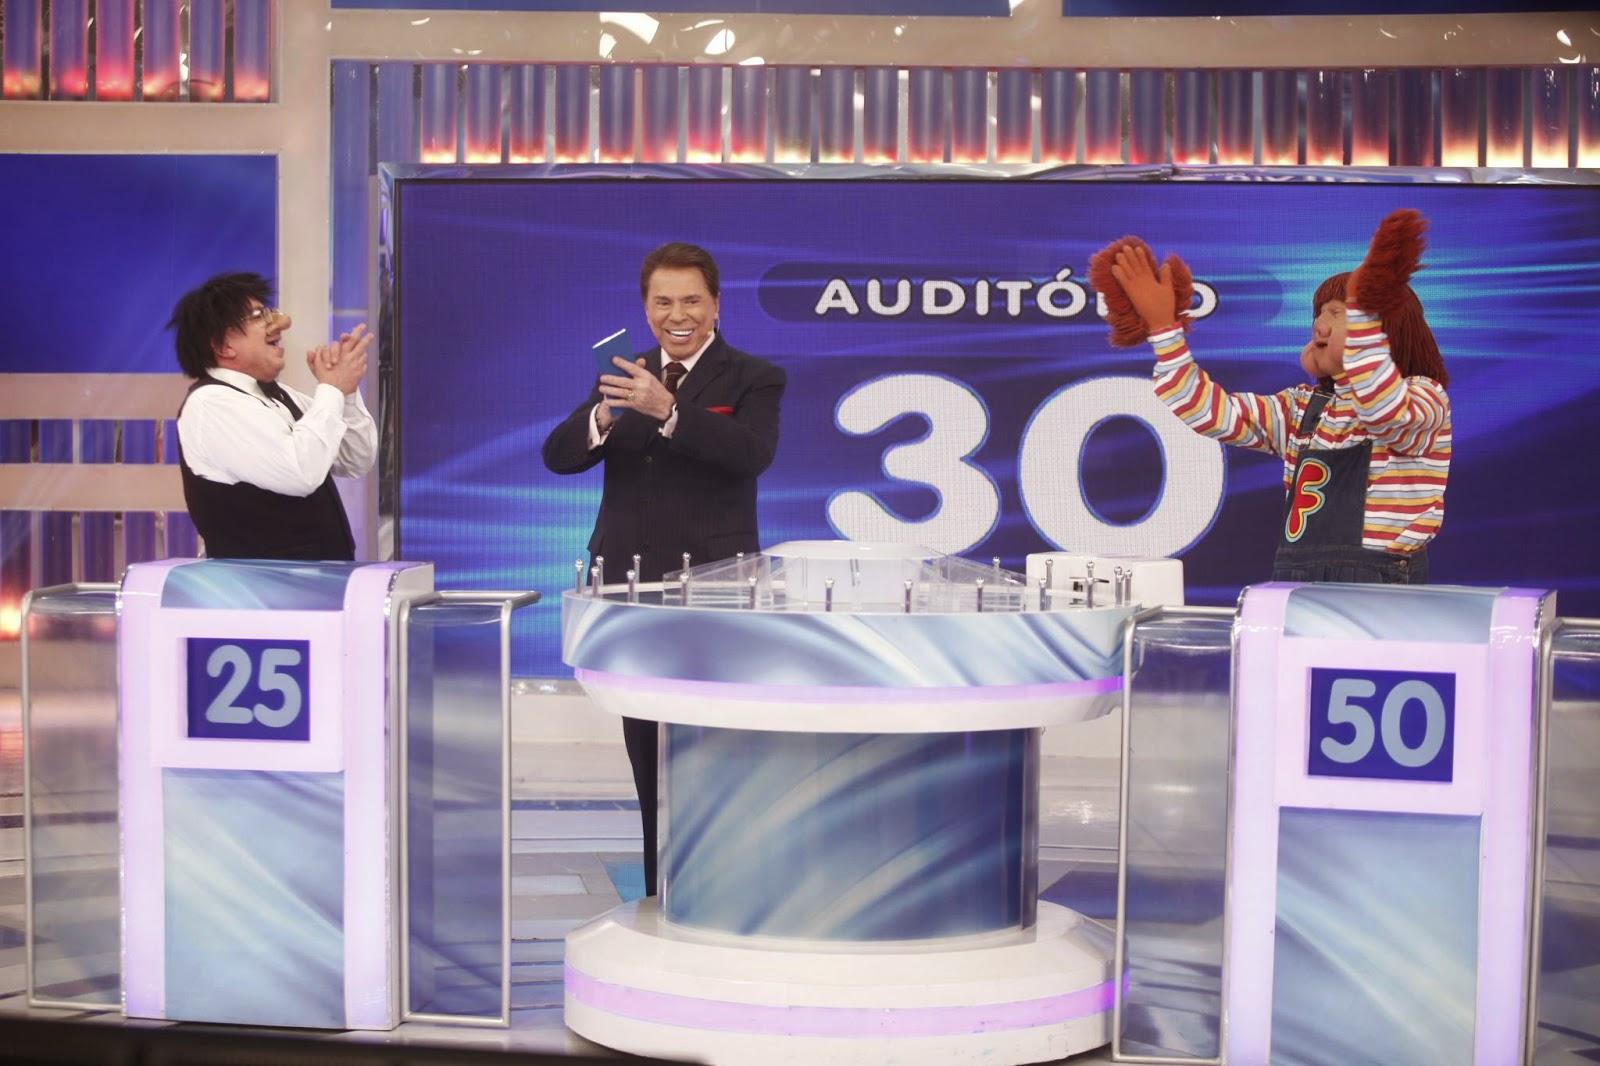 Santos, Silvio e Fofão (Crédito: Roberto Nemanis/SBT)